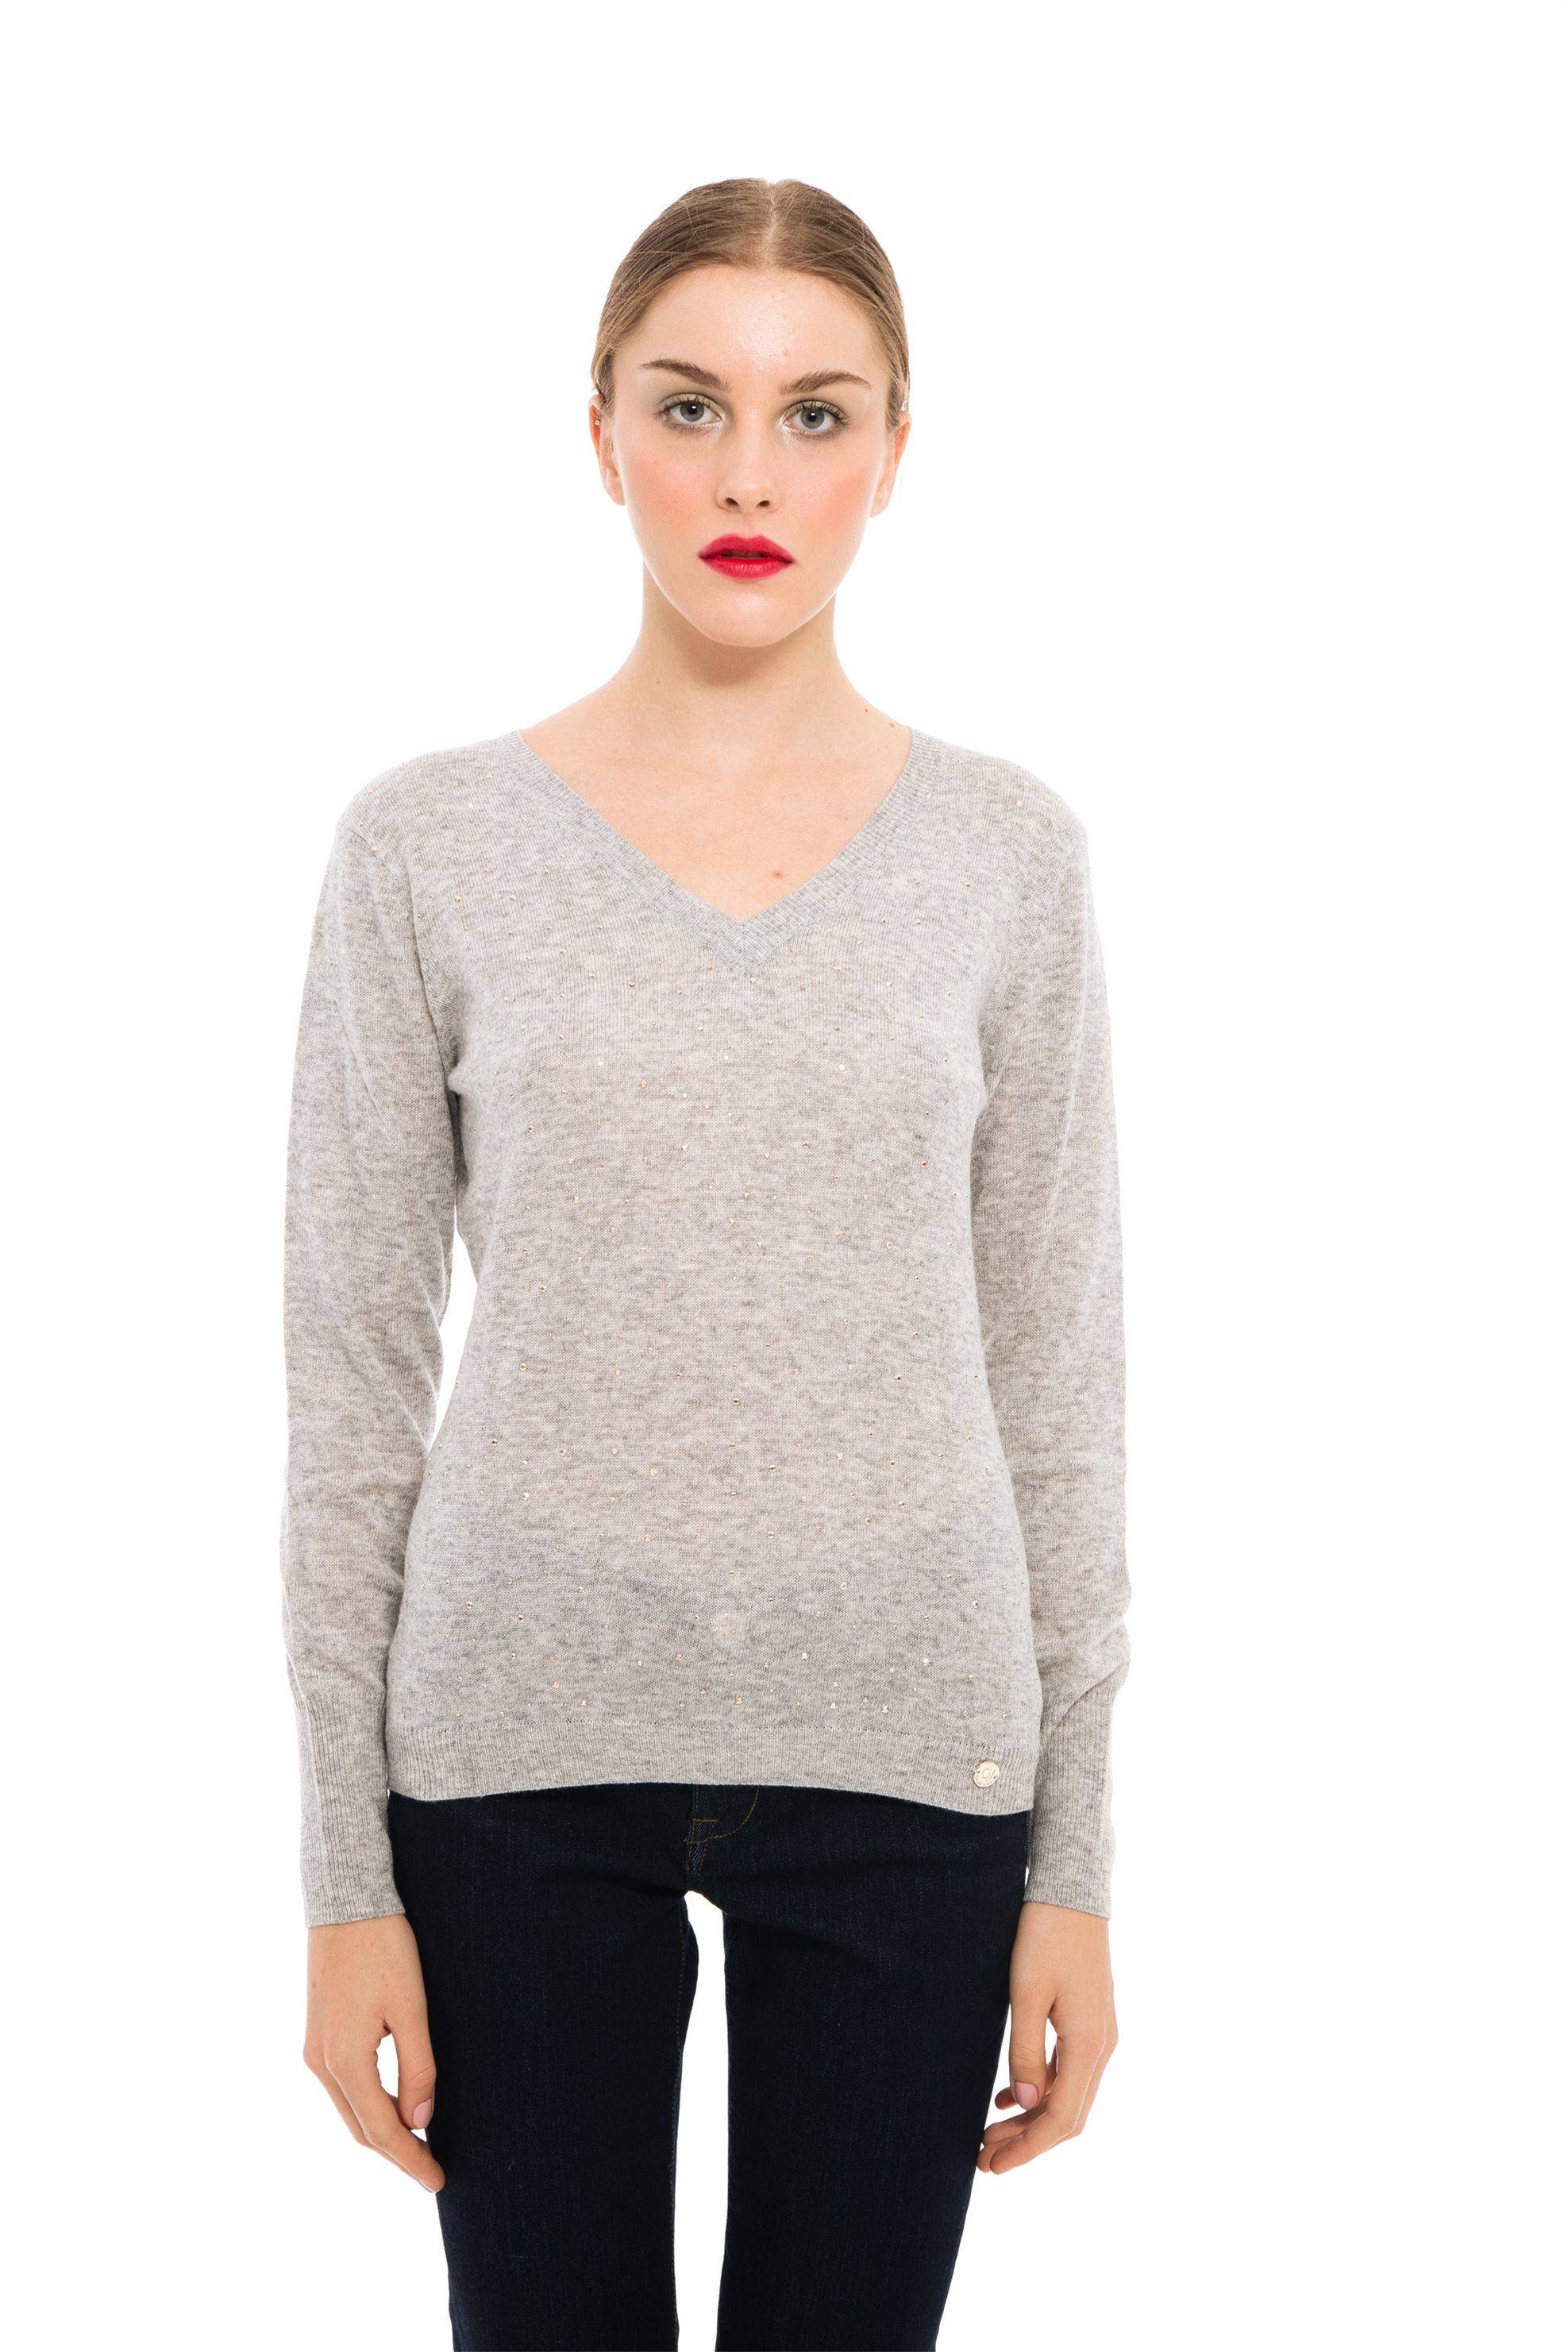 2d4bf11048aa Gaudi γυναικεία μπλούζα πλεκτή με τρούκς και V λαιμόκοψη - 821BD53043 - Γκρι